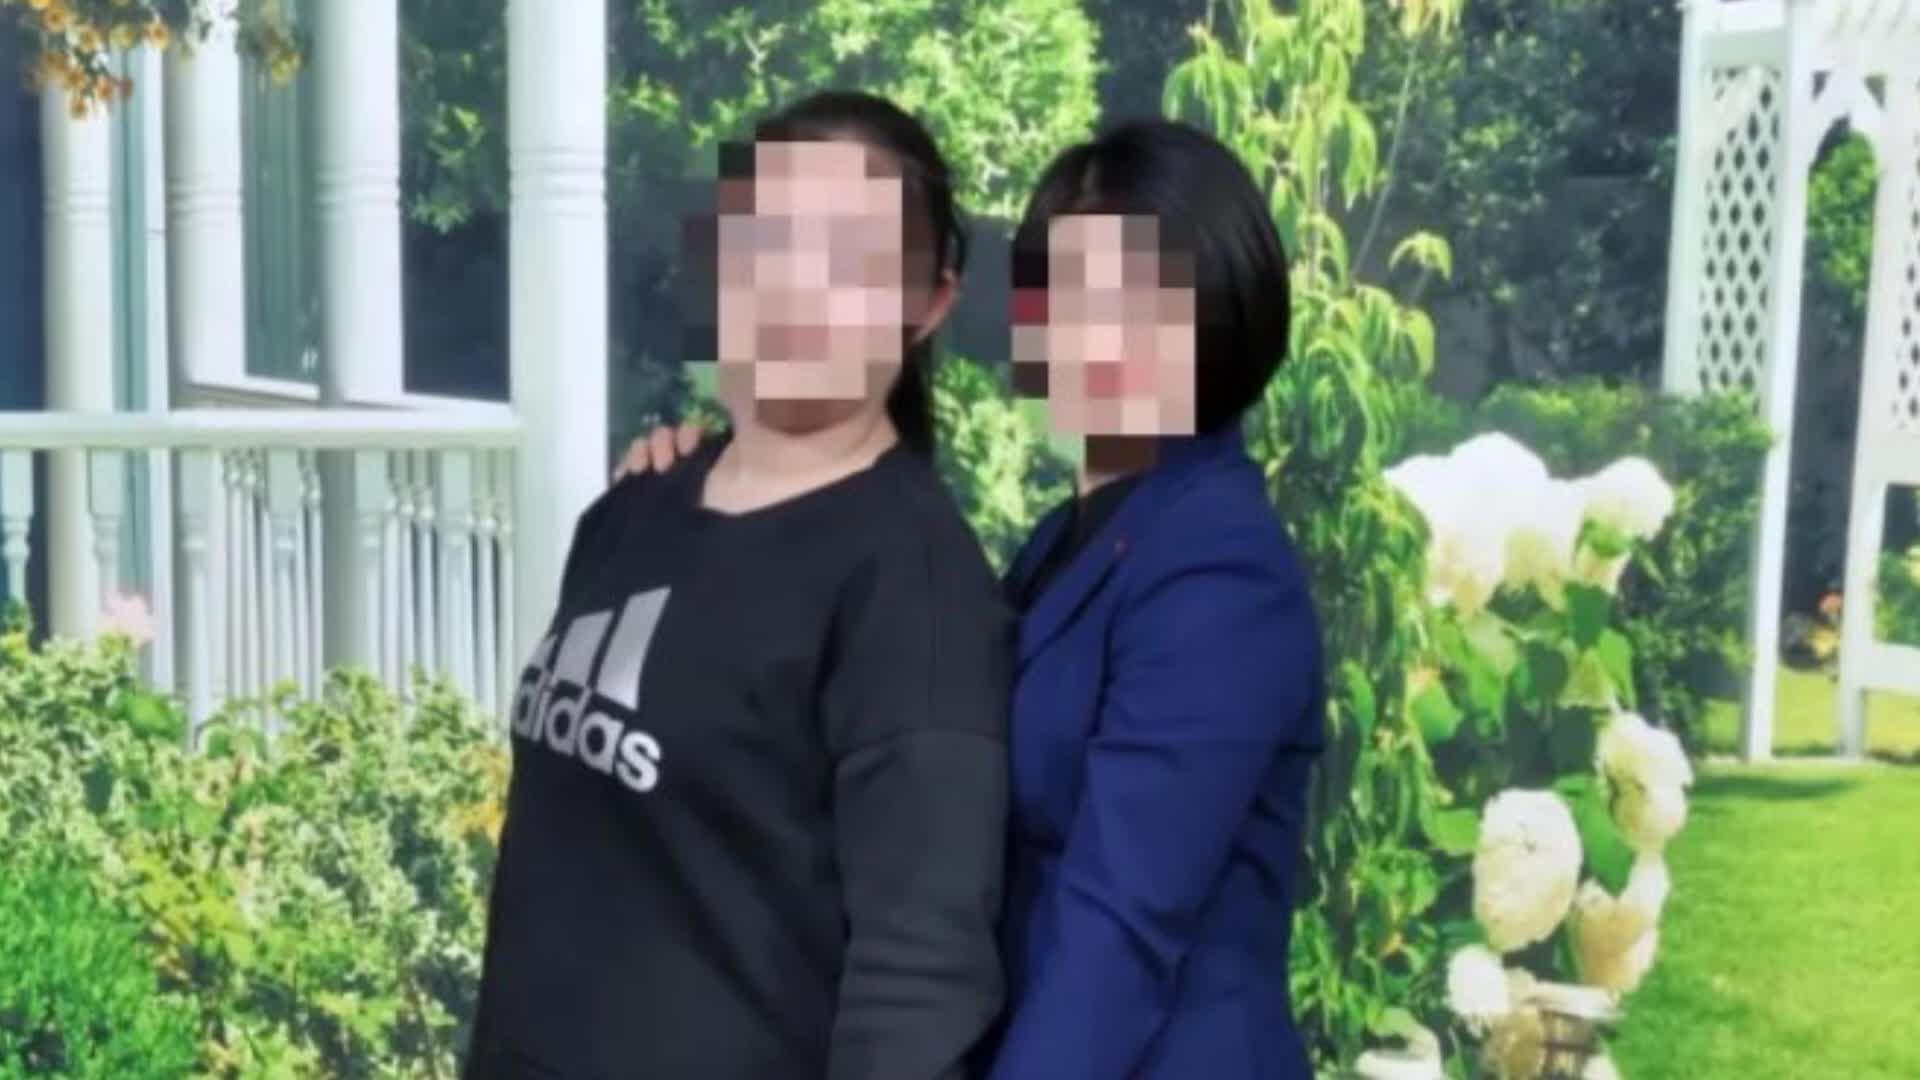 青岛女律师疑被15岁女儿勒死:女儿乖巧母亲热情看起来相处不错